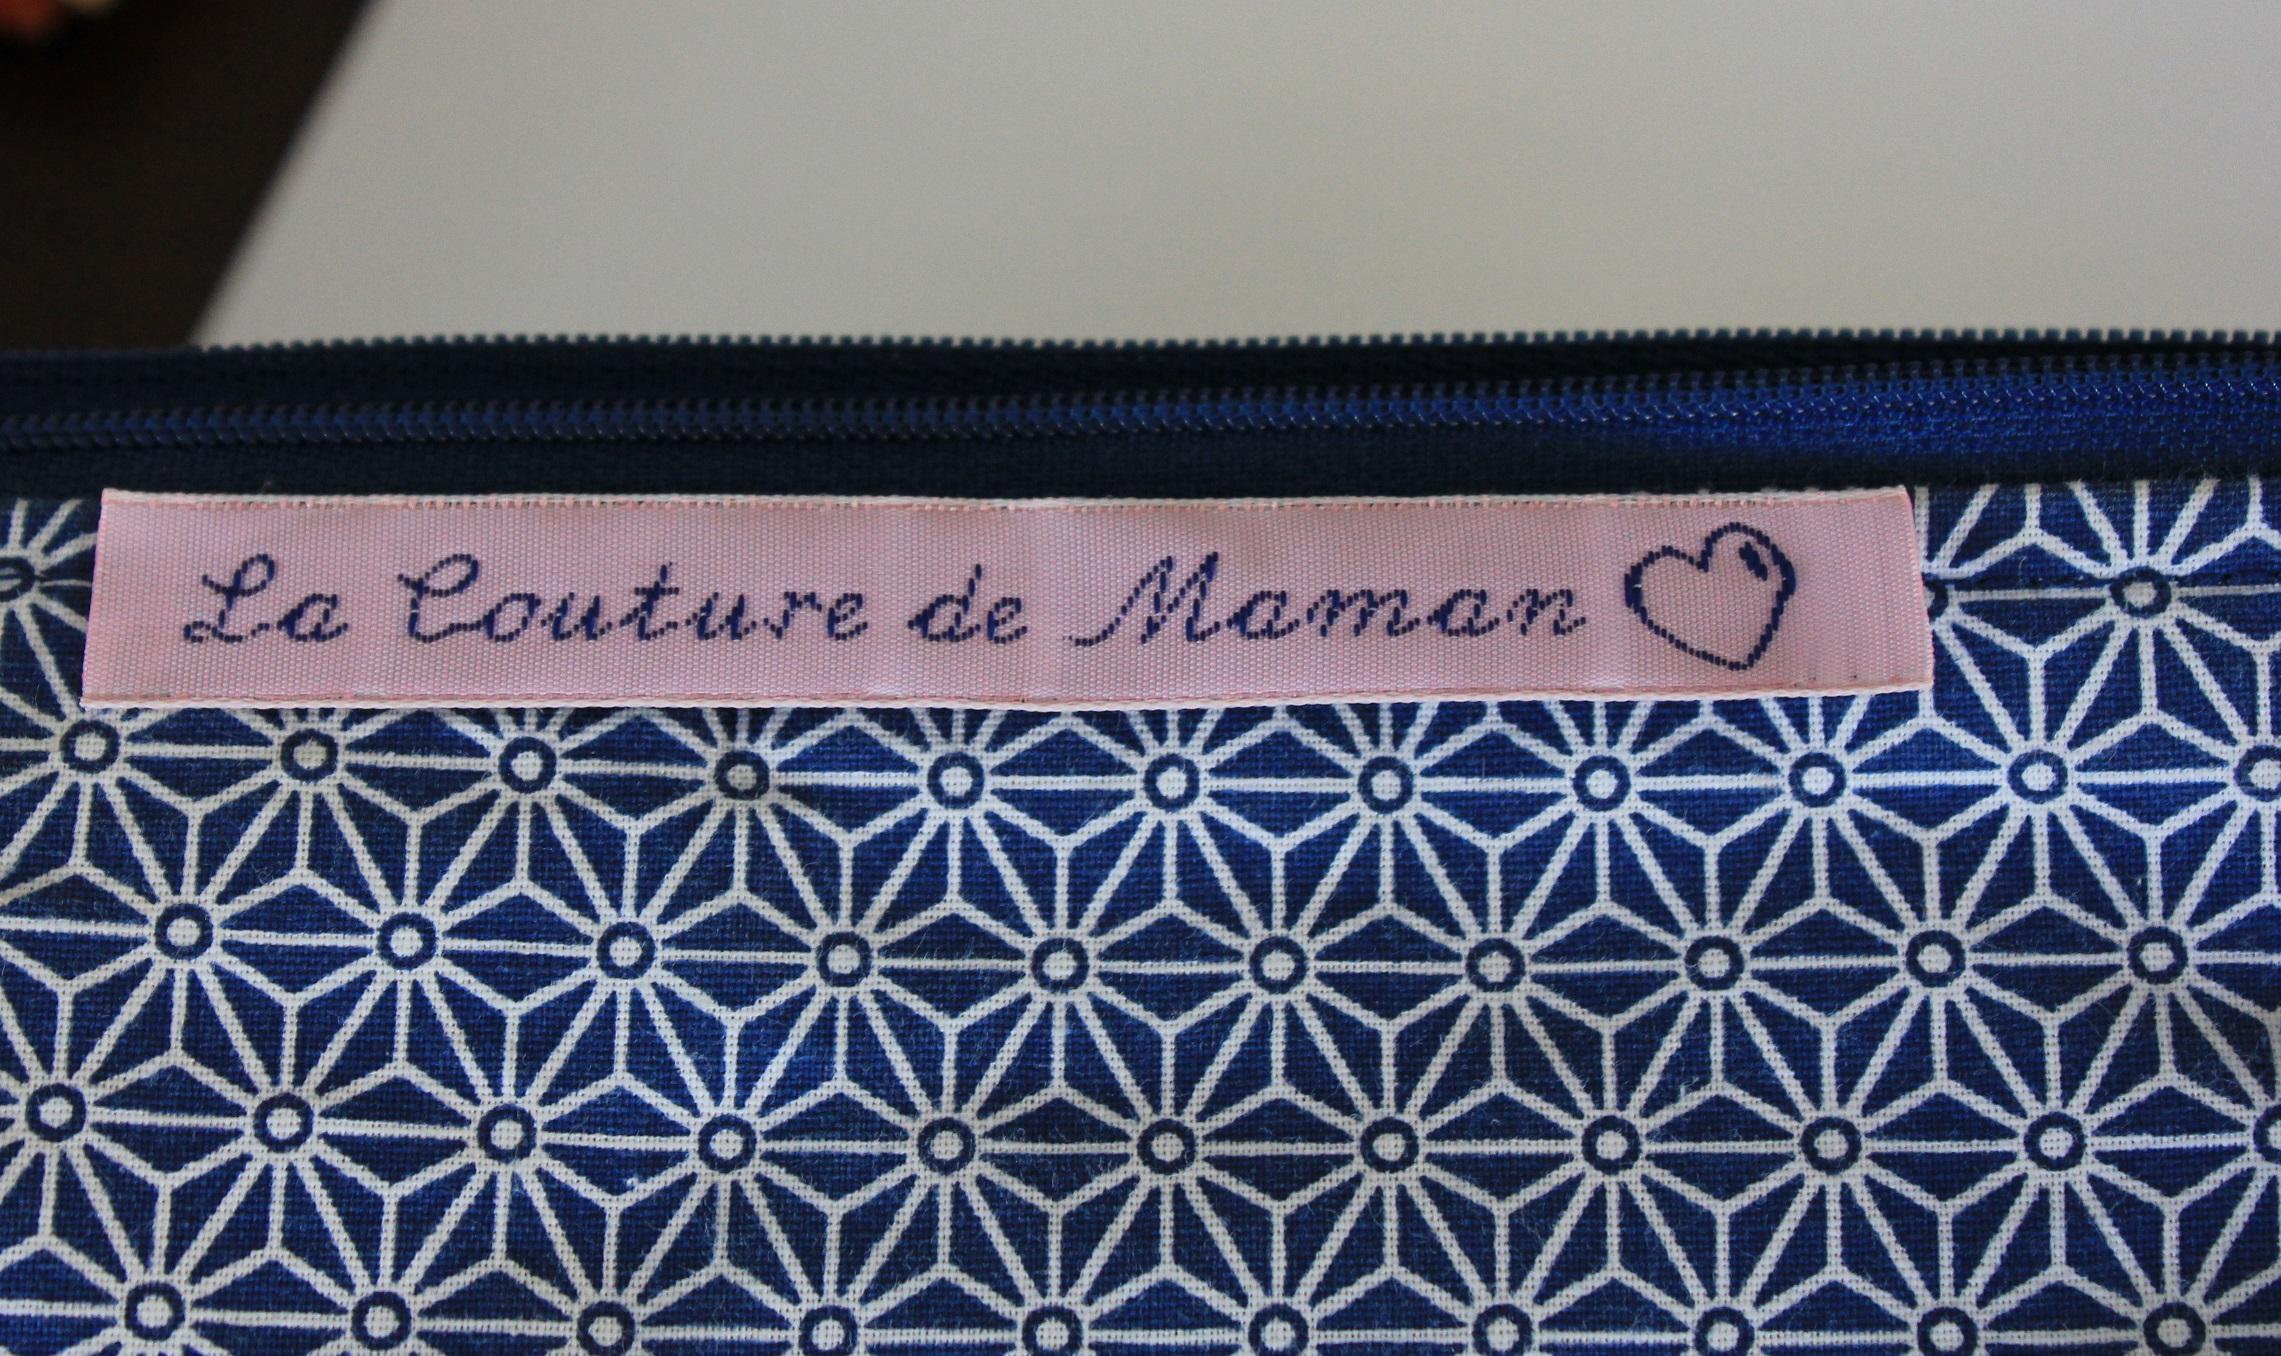 Des étiquettes pour personnaliser vos créations coutures